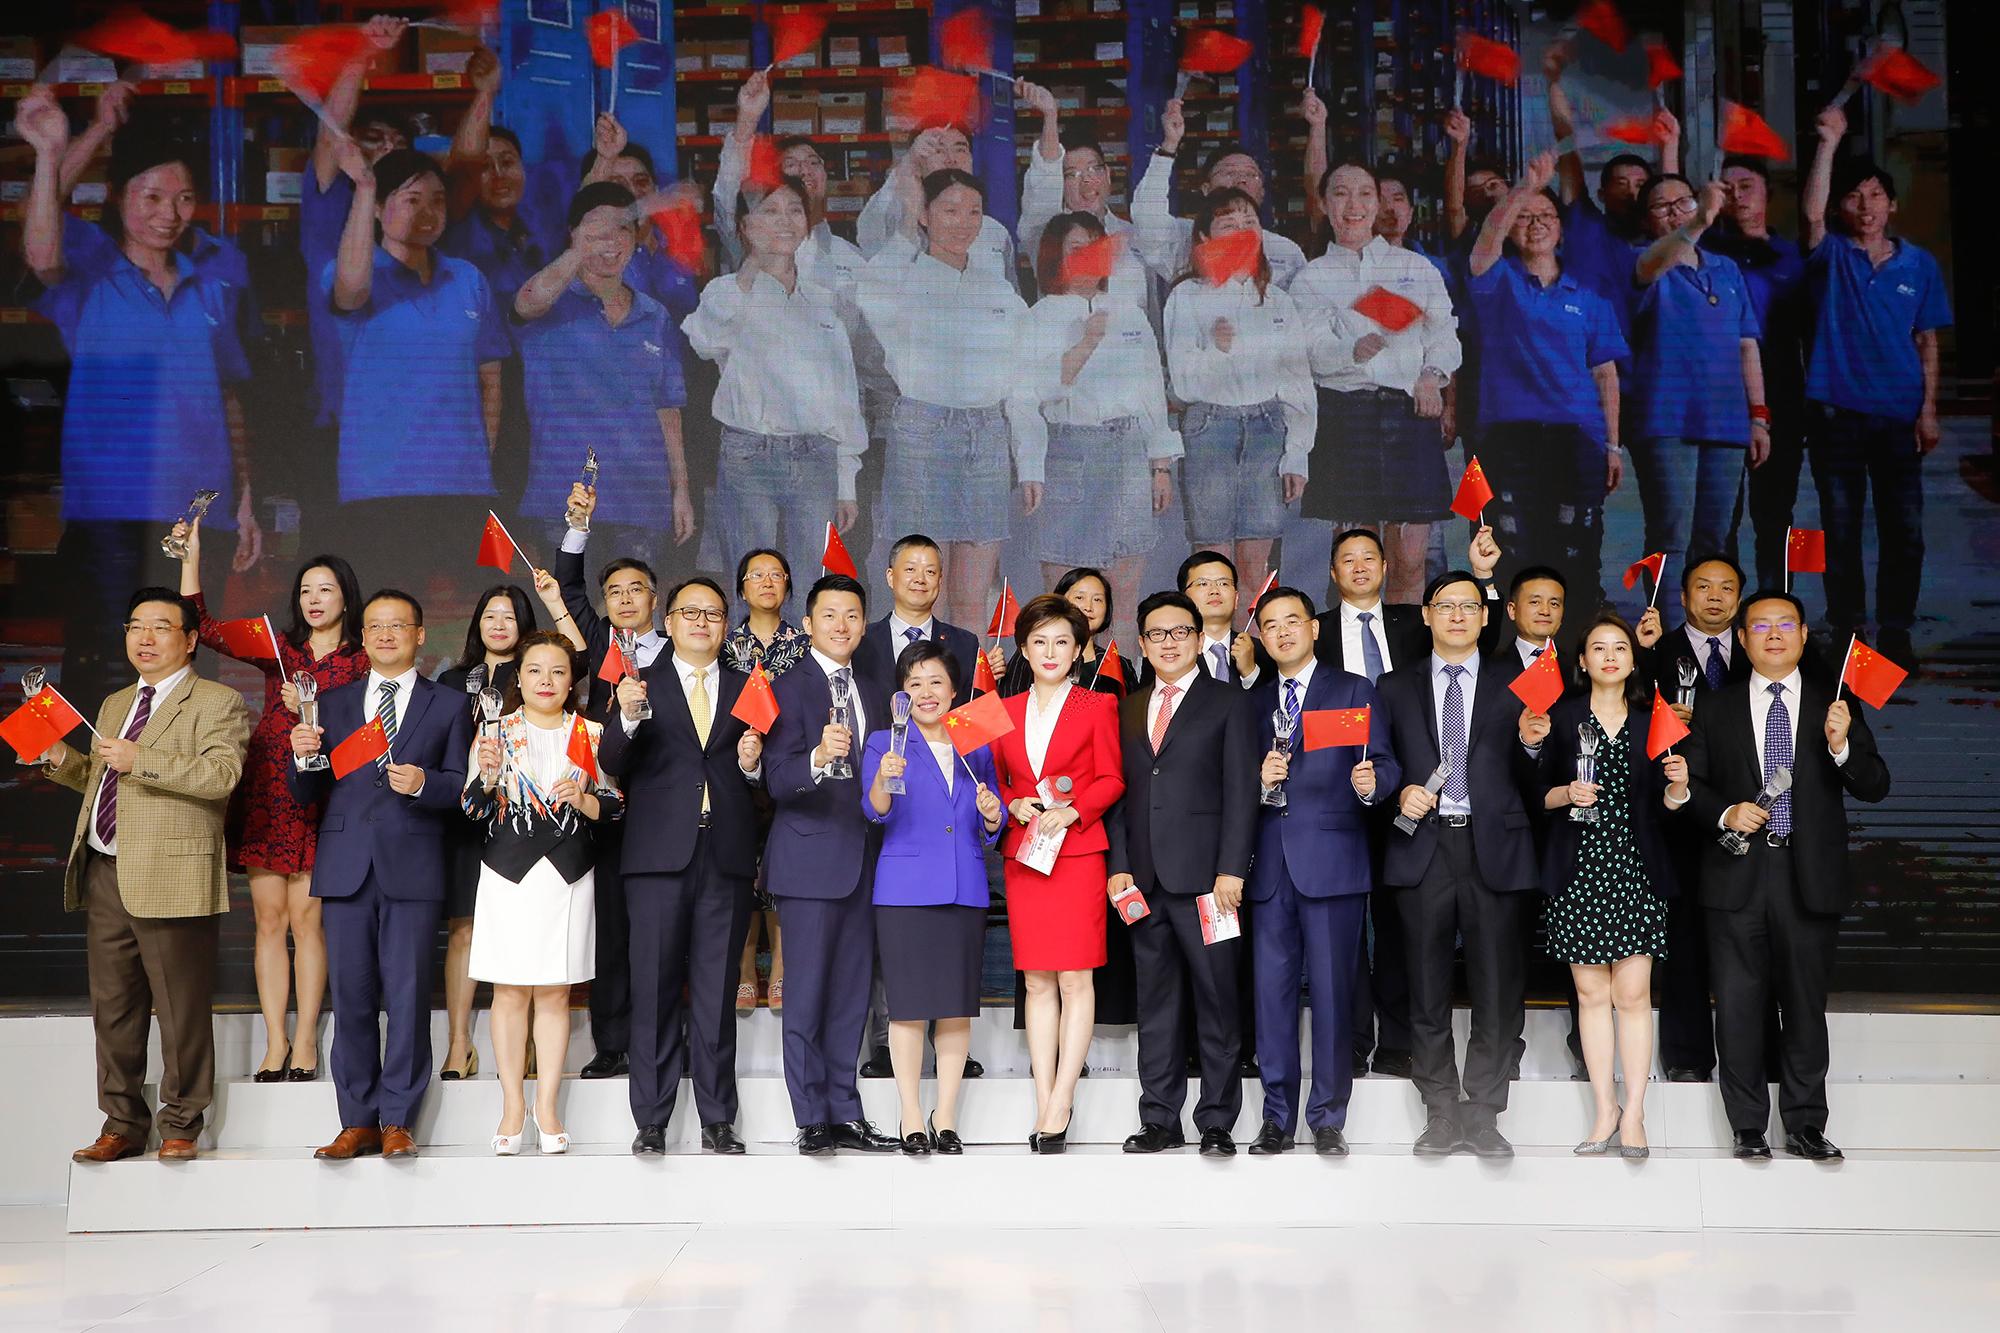 上海自贸区发布第二届制度创新十大经典样本企业